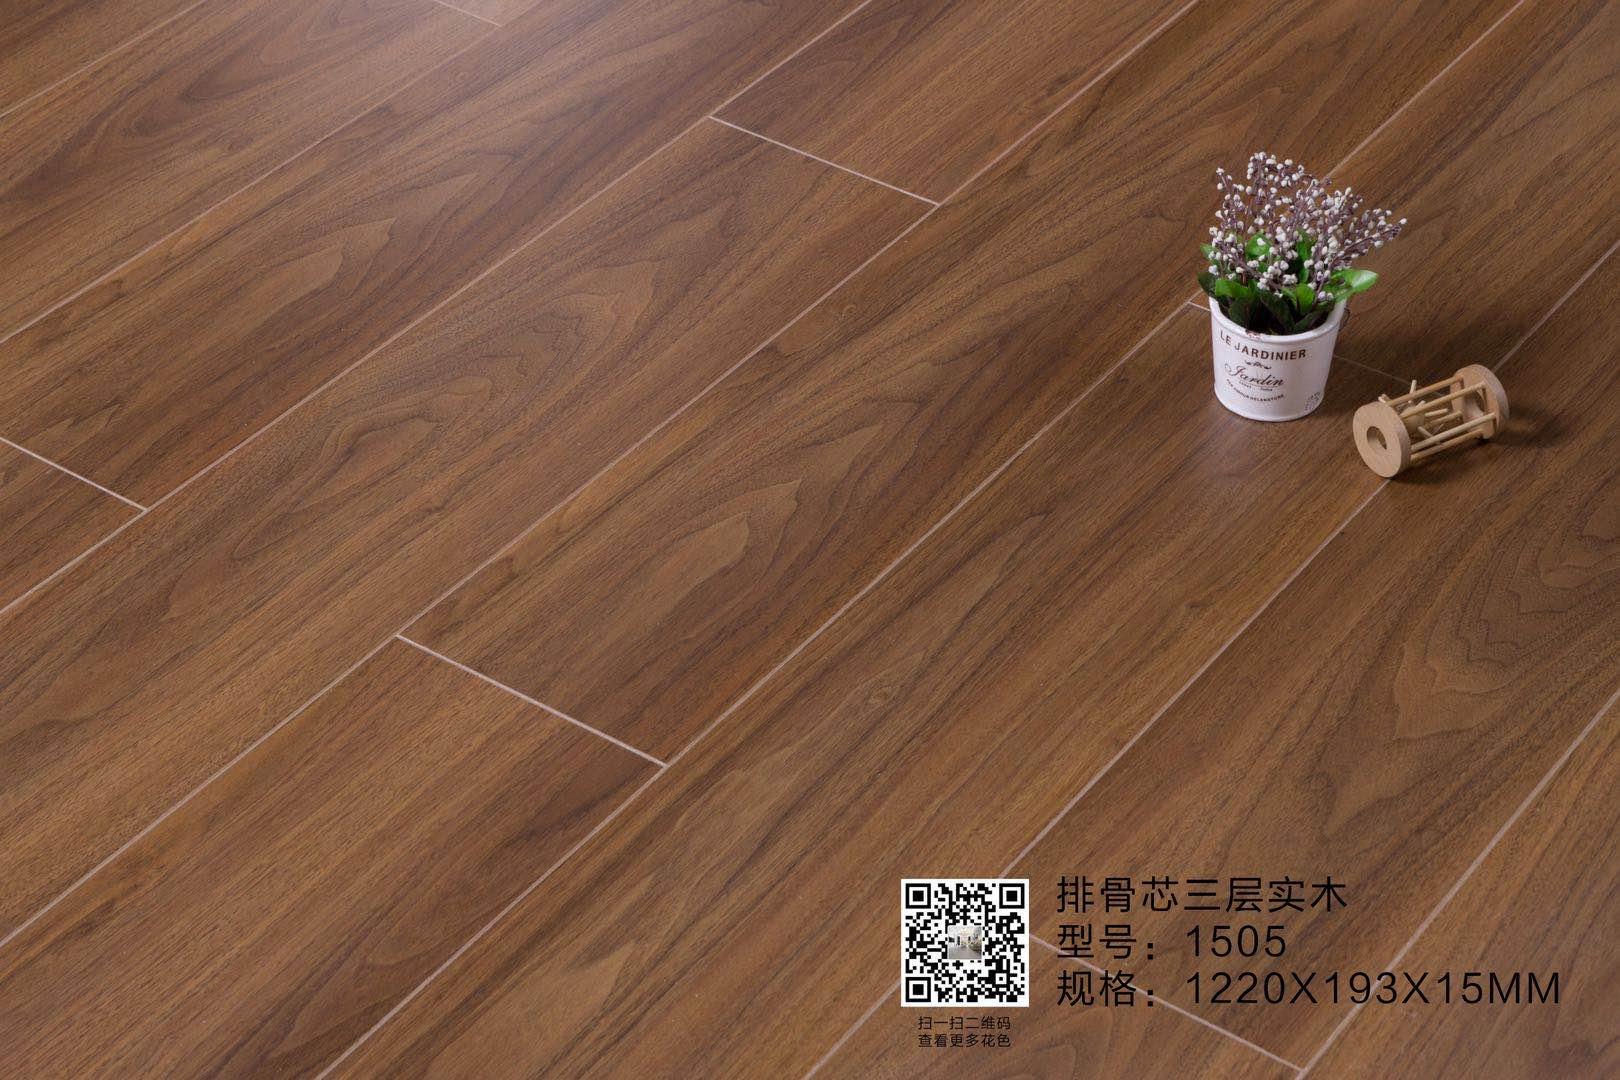 貴州三層實木地板